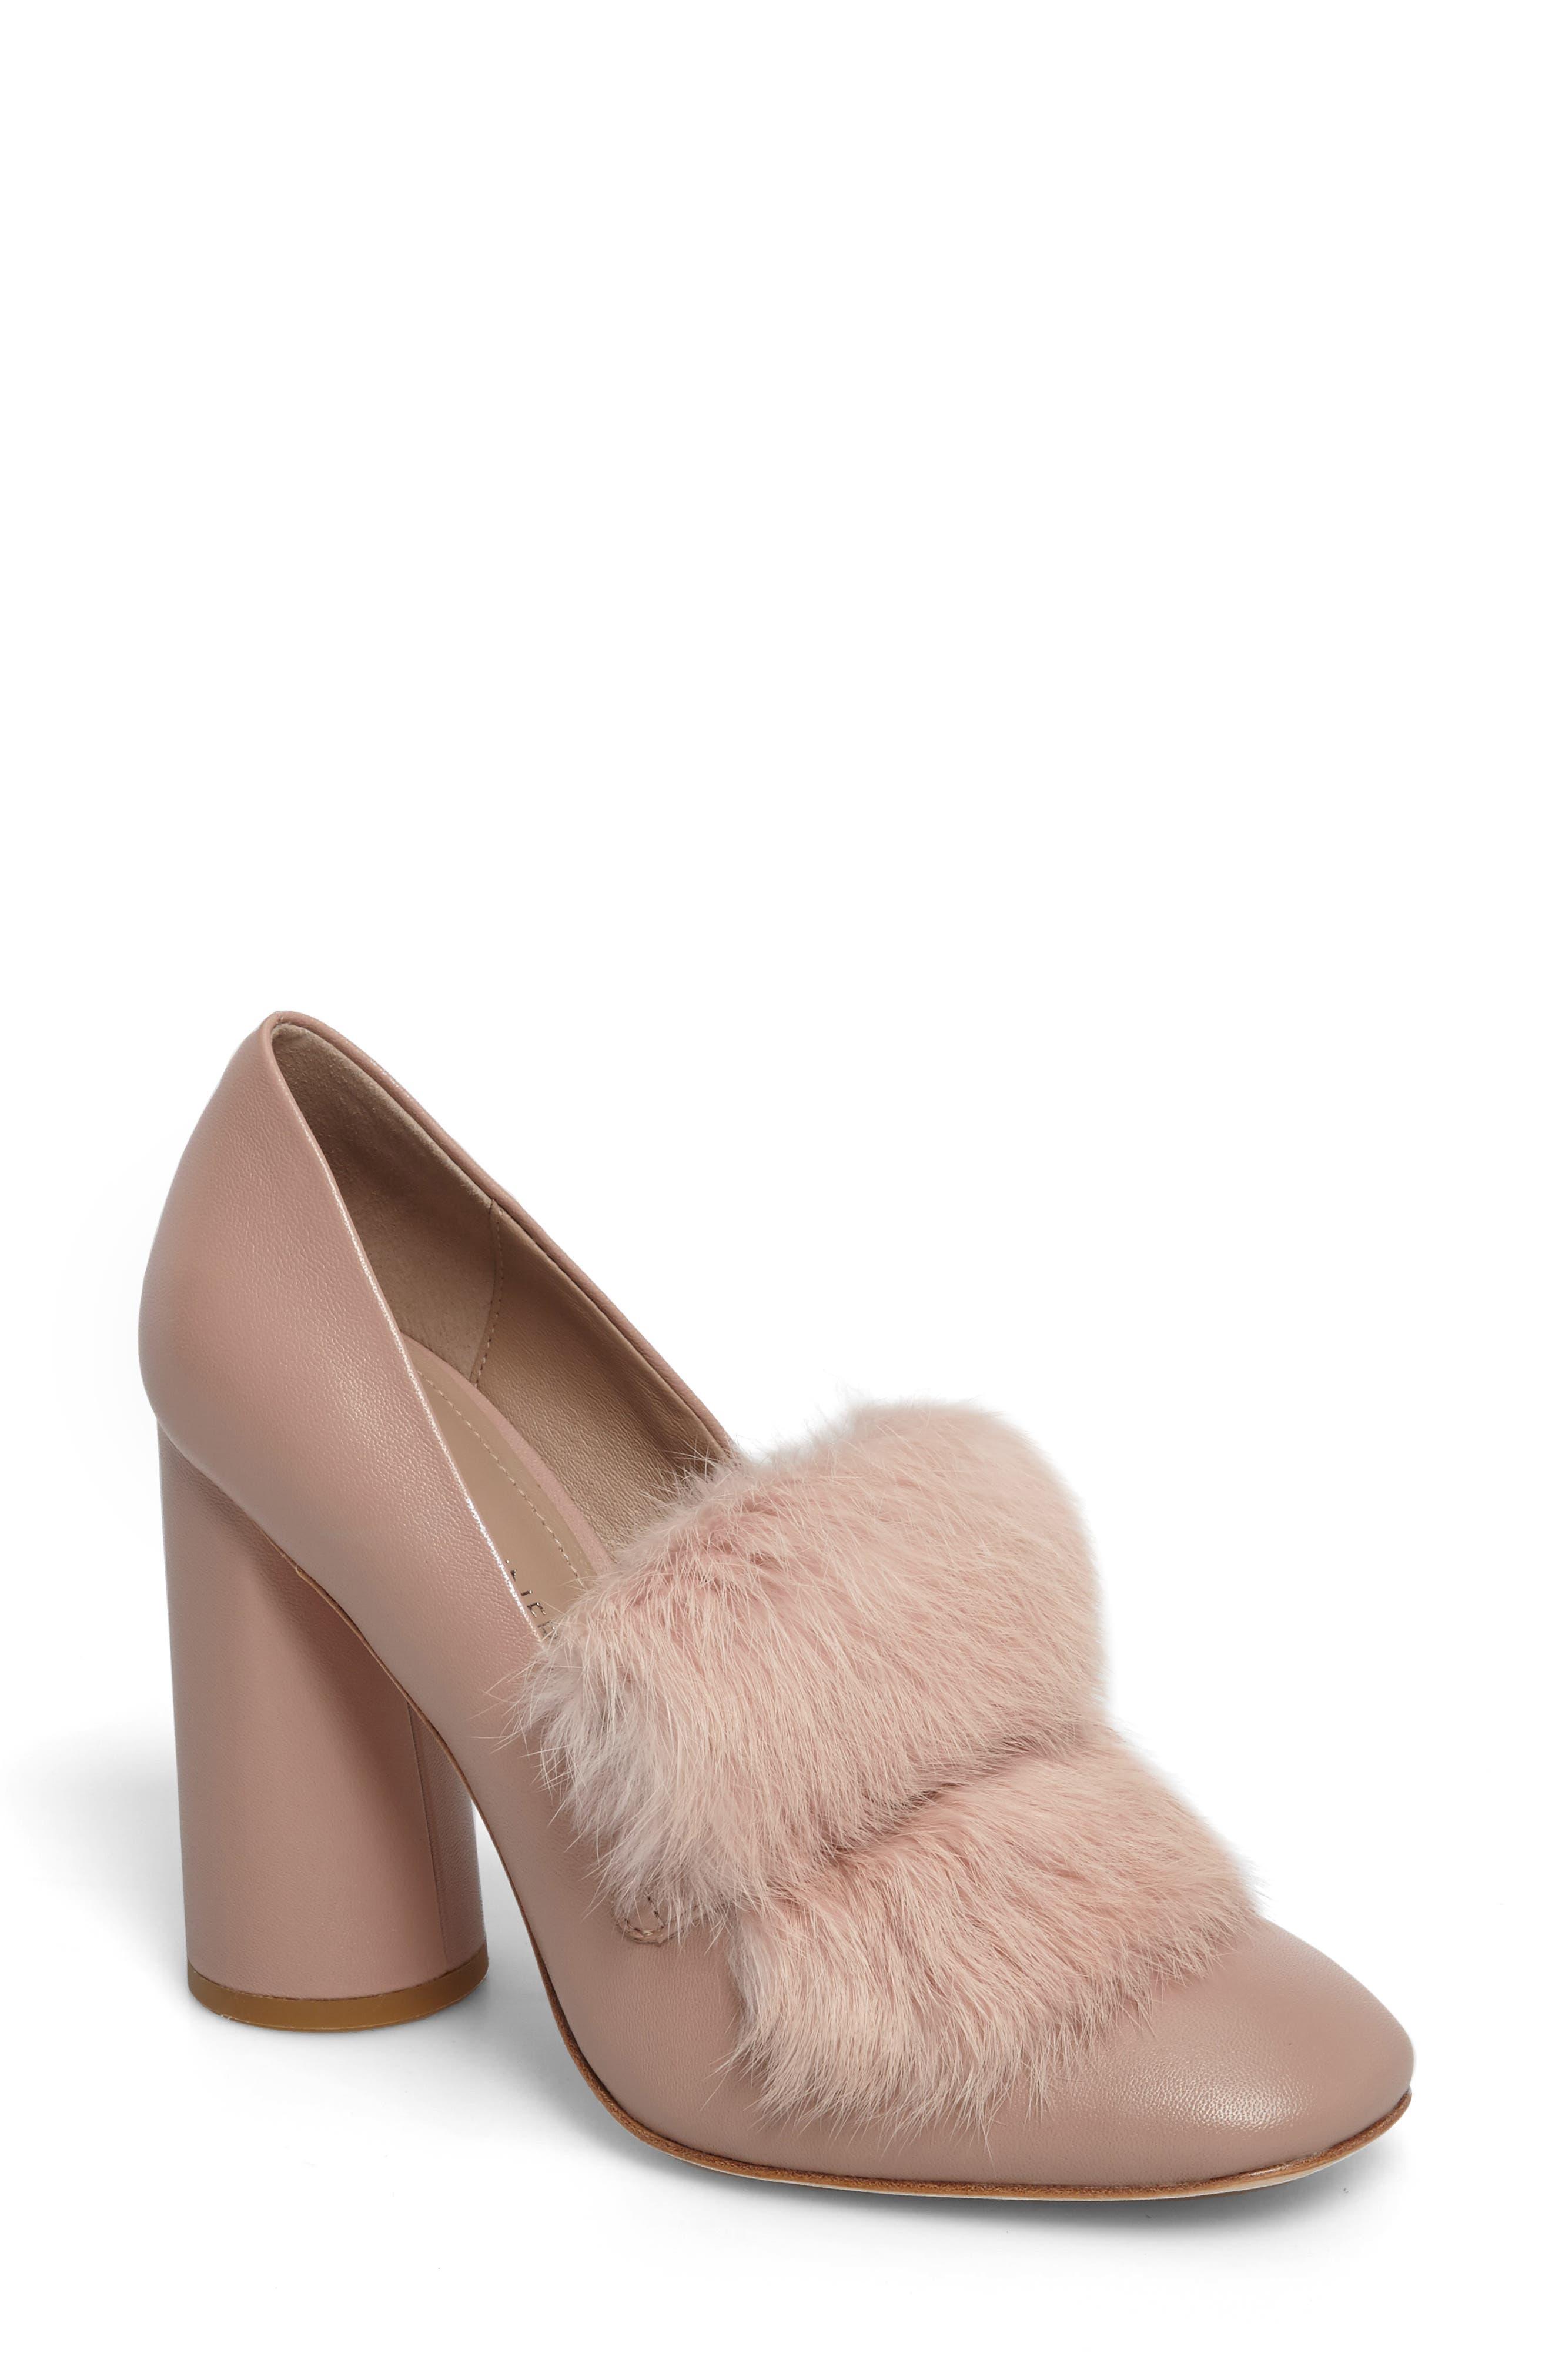 Alternate Image 1 Selected - Donald J Pliner Faune Genuine Rabbit Fur Pump (Women)